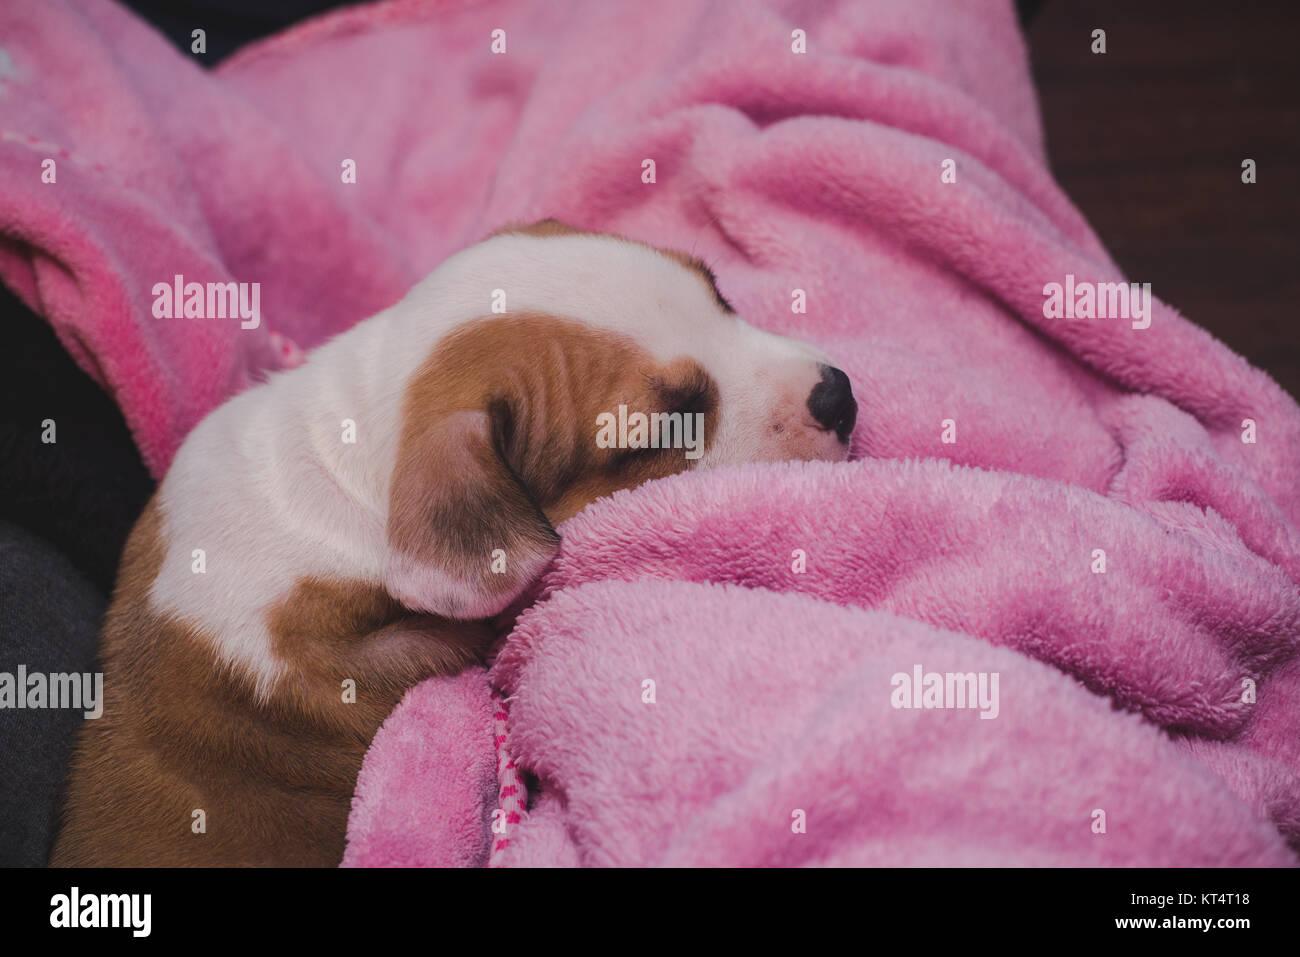 Un pit bull mix cucciolo dorme su una coperta rosa. Immagini Stock